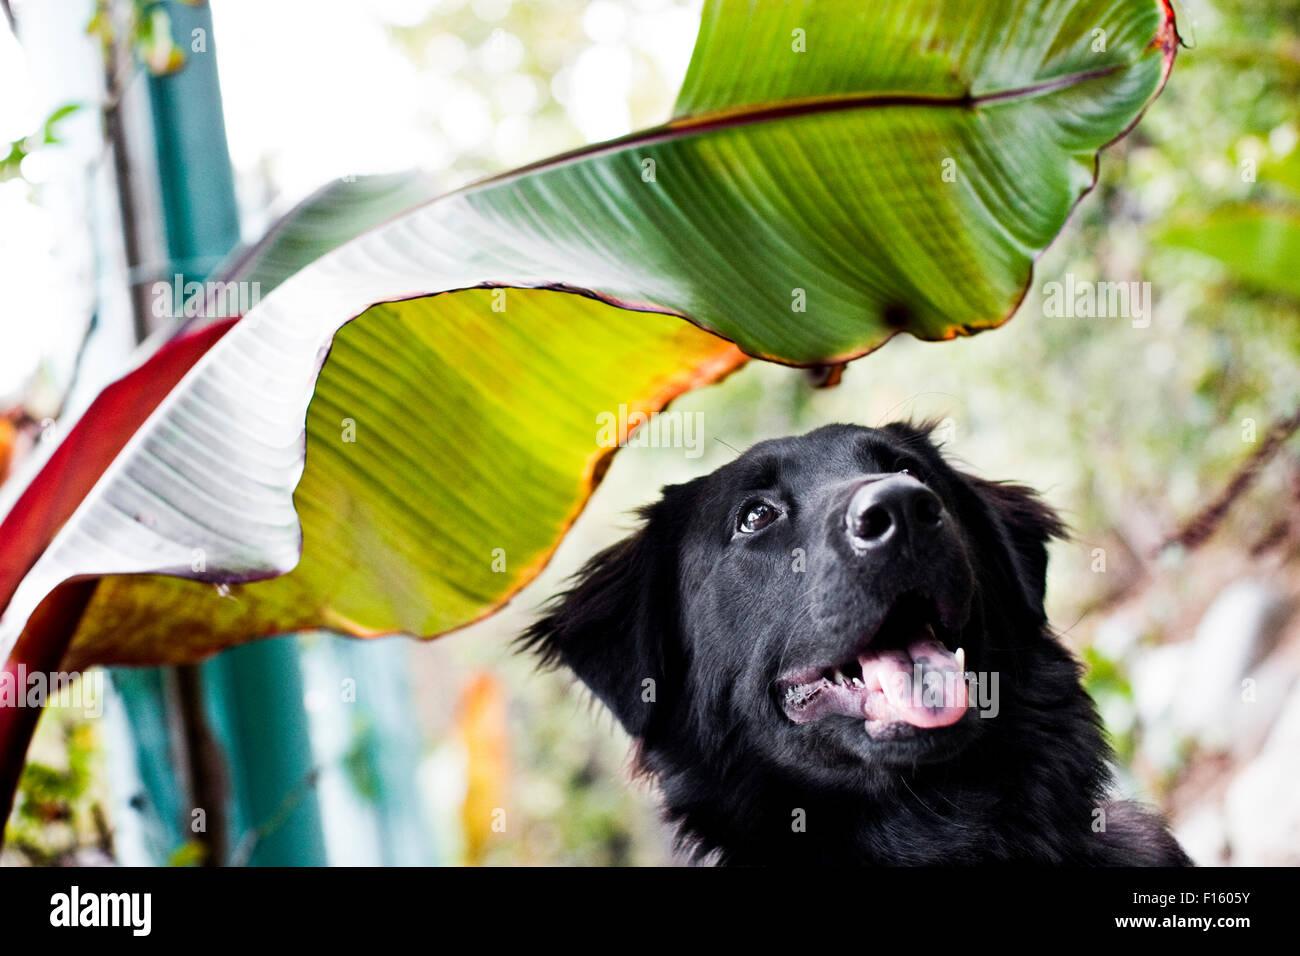 Happy smiling black Labrador Retriever dog looking up du bas du cadre horizontal sous un géant vert des feuilles Photo Stock